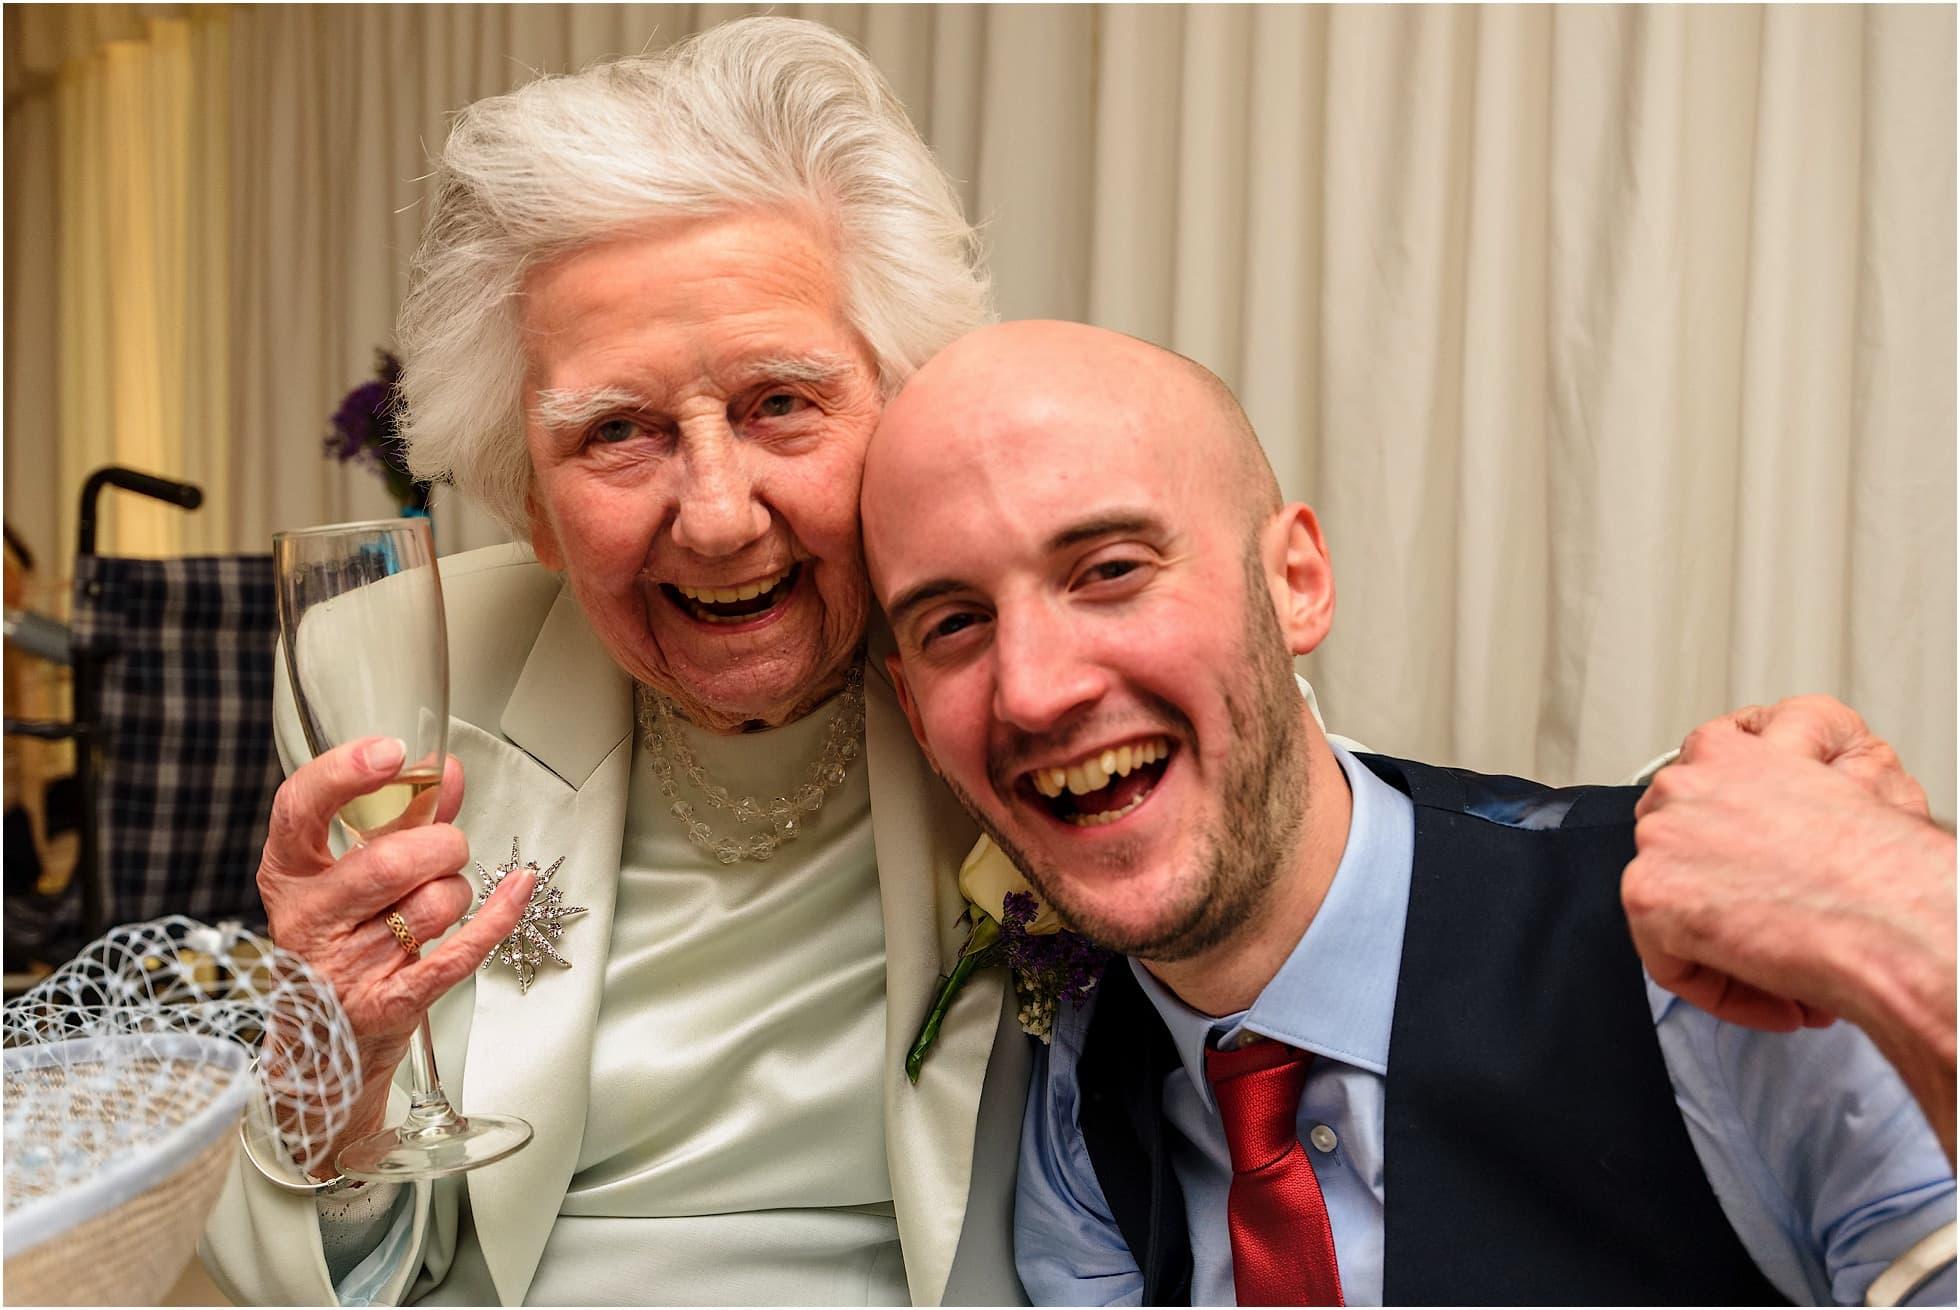 Grandma and Grandson big smiles